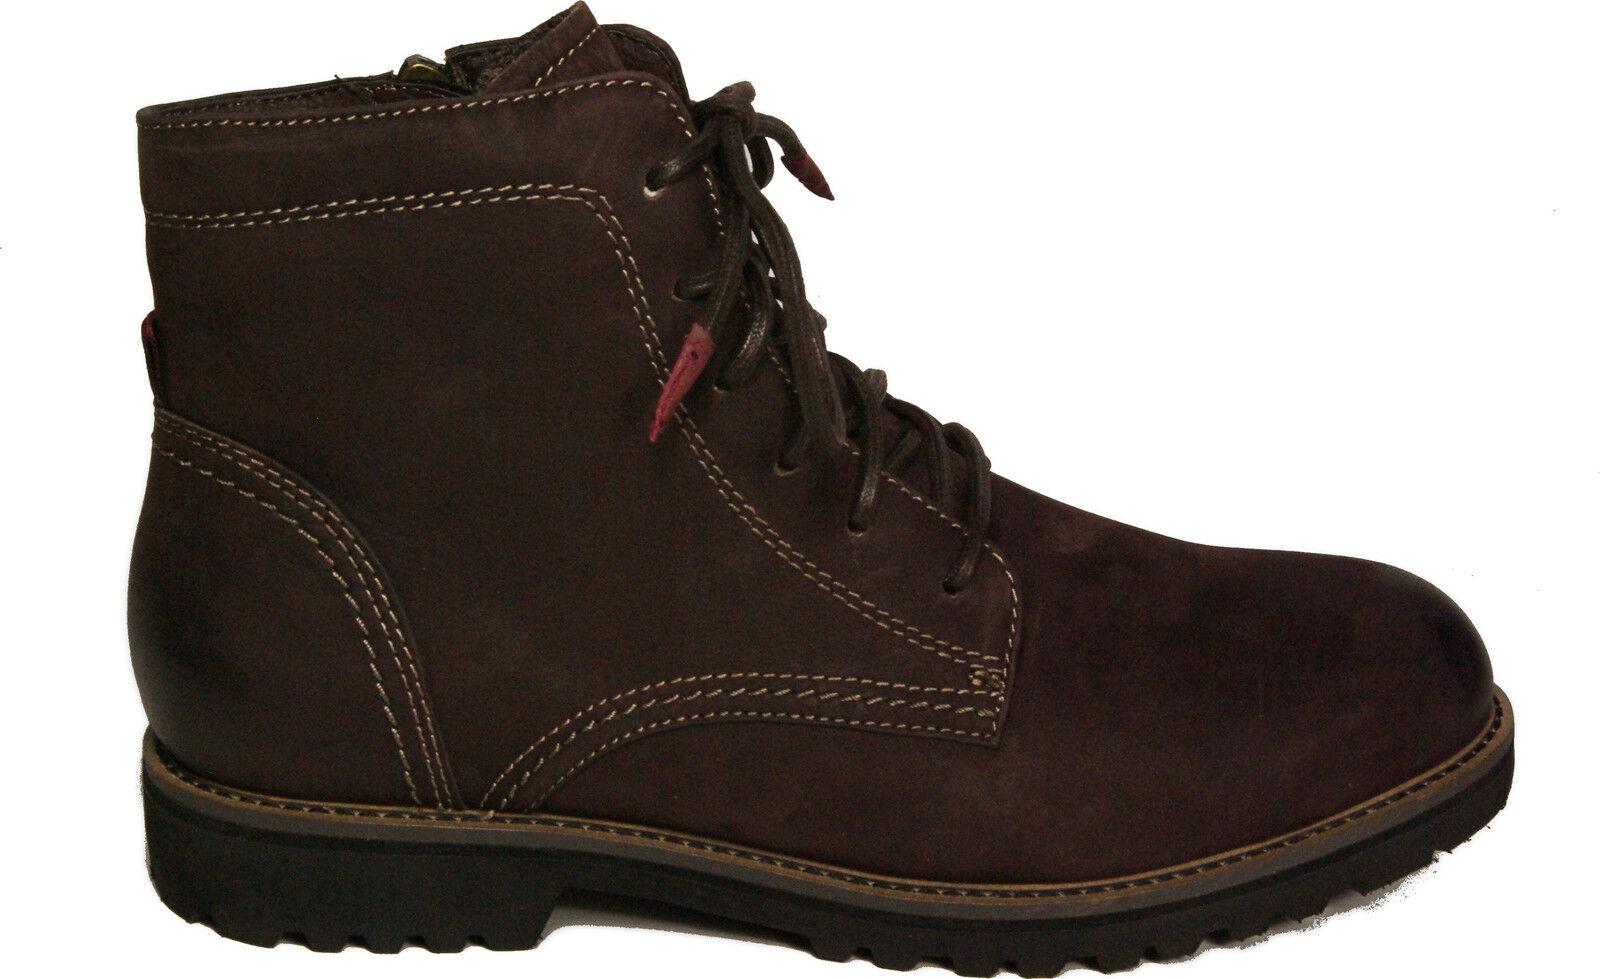 Tamaris zapatos ata botín nobuck cuero marrón cremallera nuevo